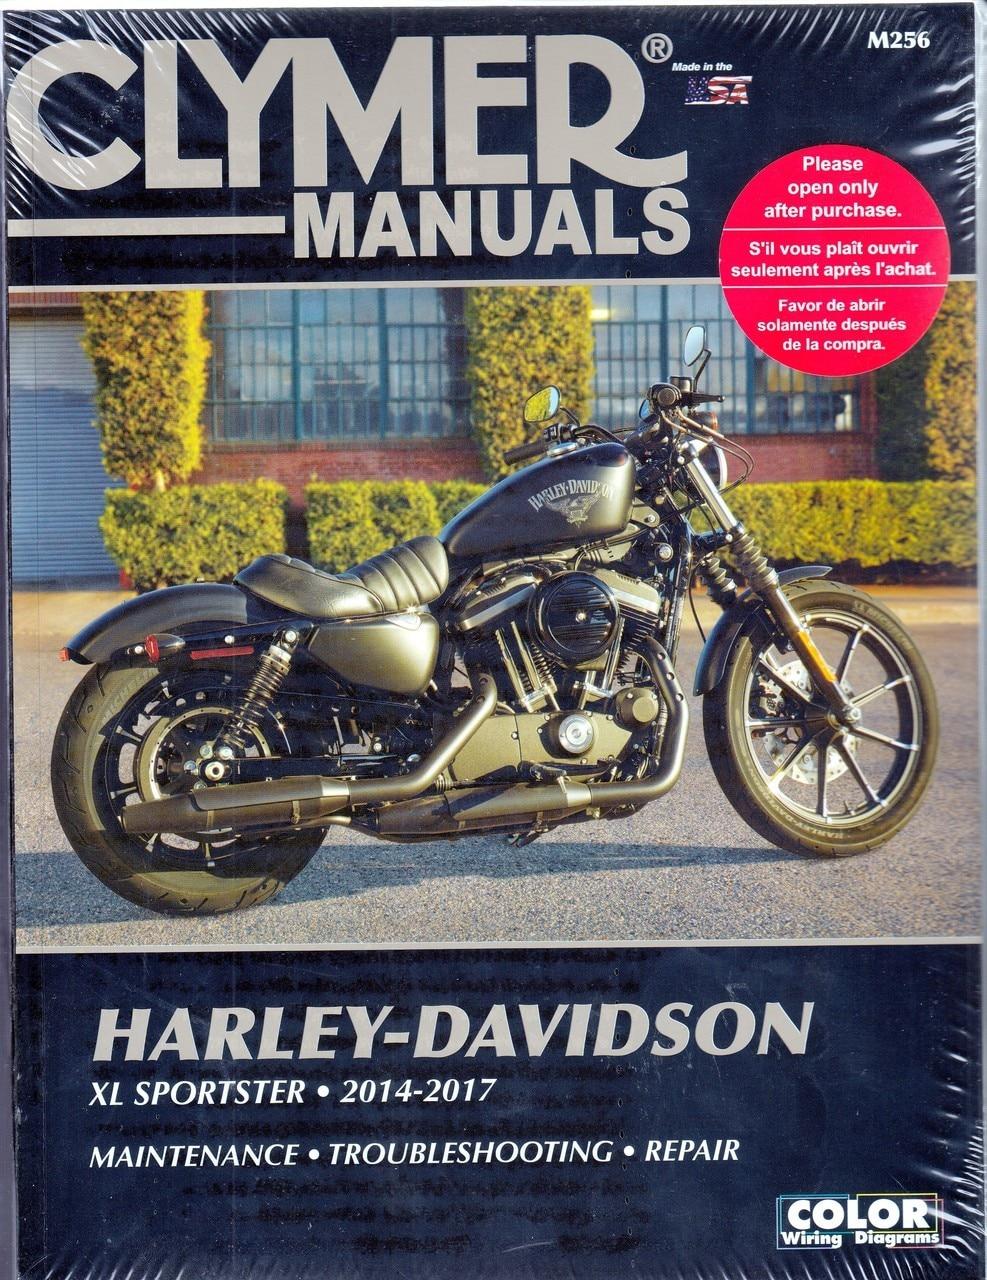 Xy 3422  Diagram Likewise Harley Davidson Wiring Diagram